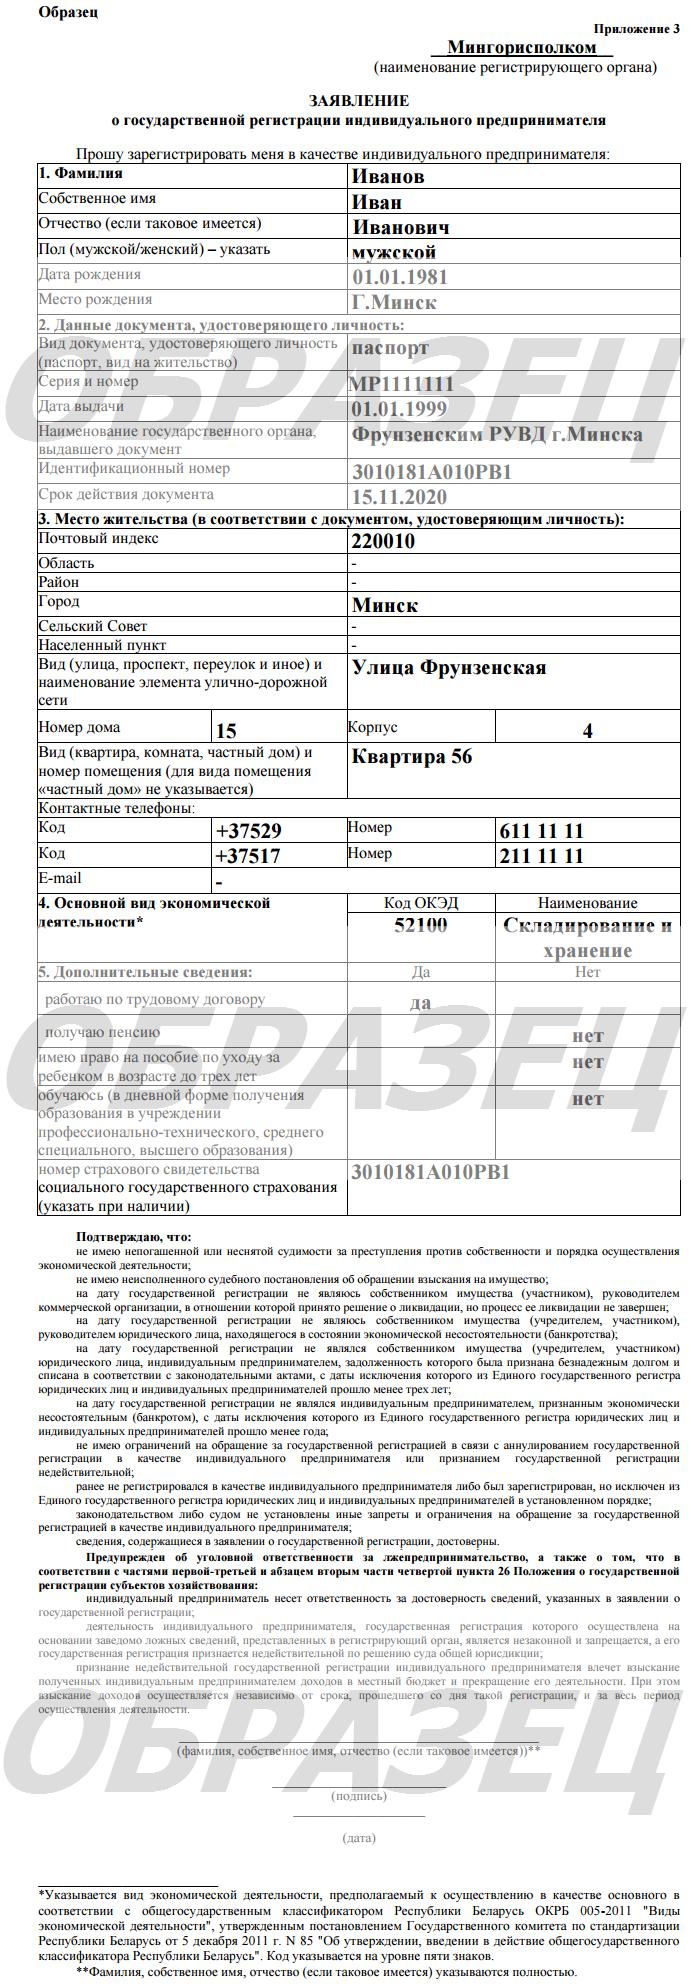 Регистрация ип рб интернет как заполнить нулевую декларацию по форме 3 ндфл